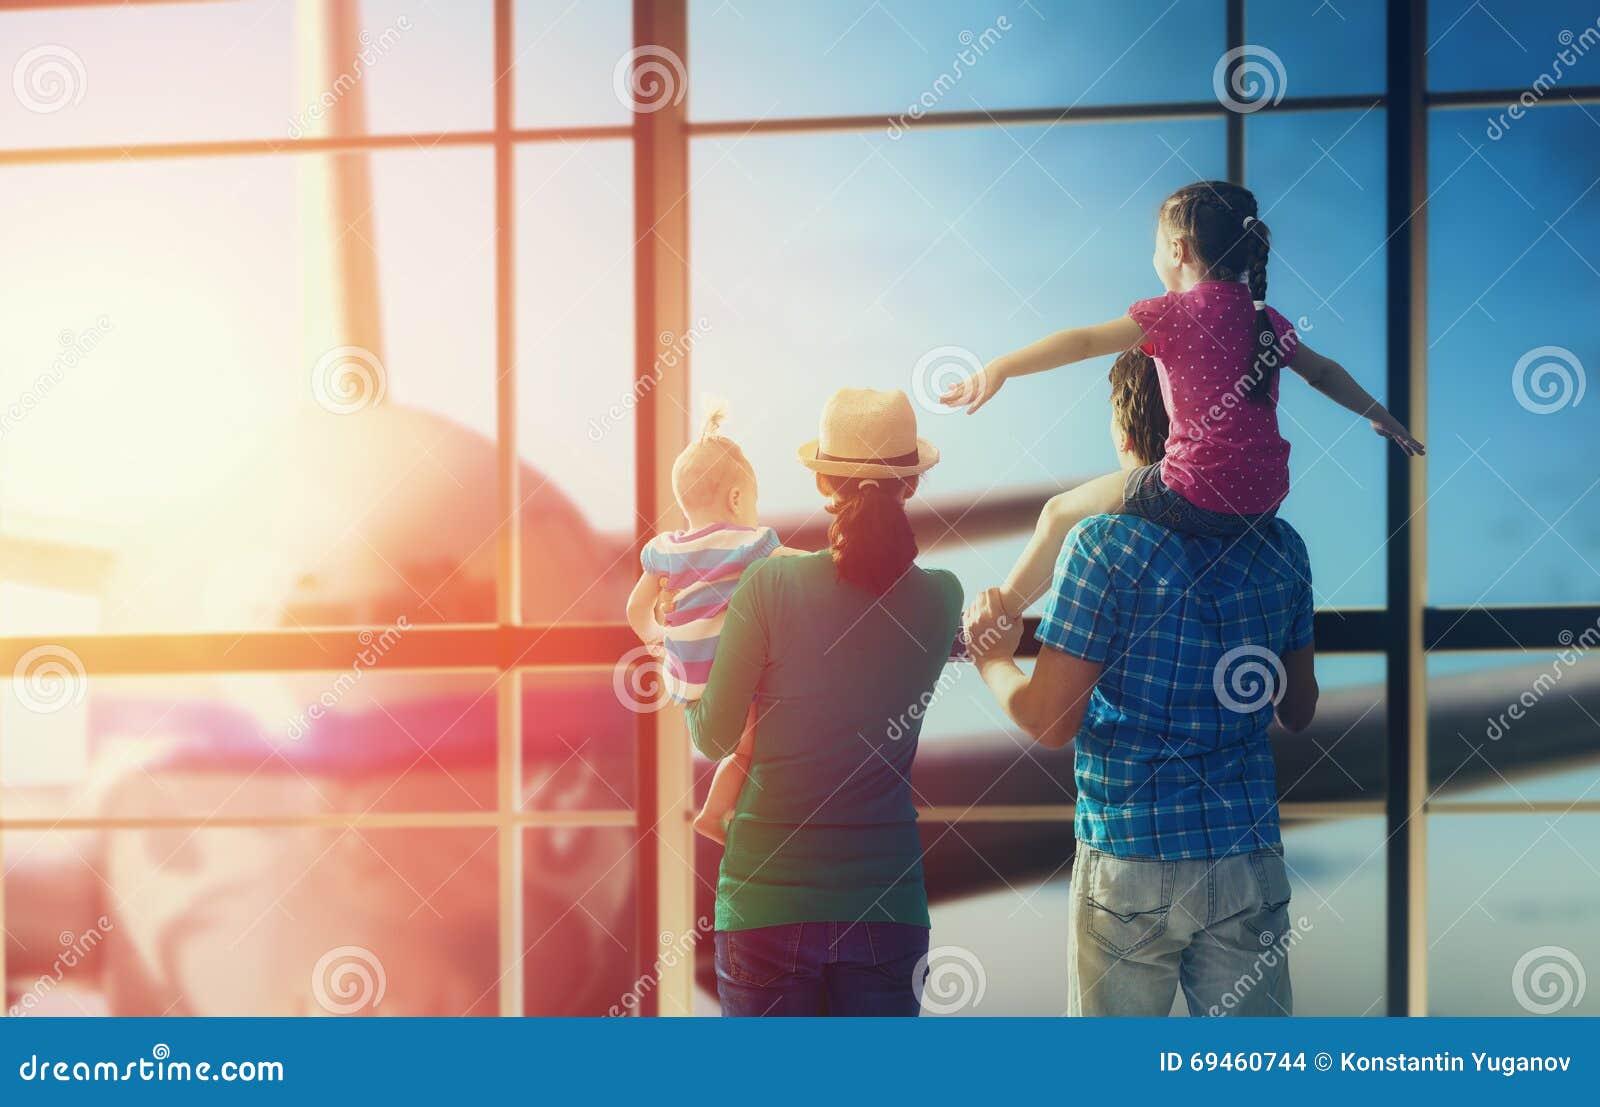 Familie mit Kindern am Flughafen